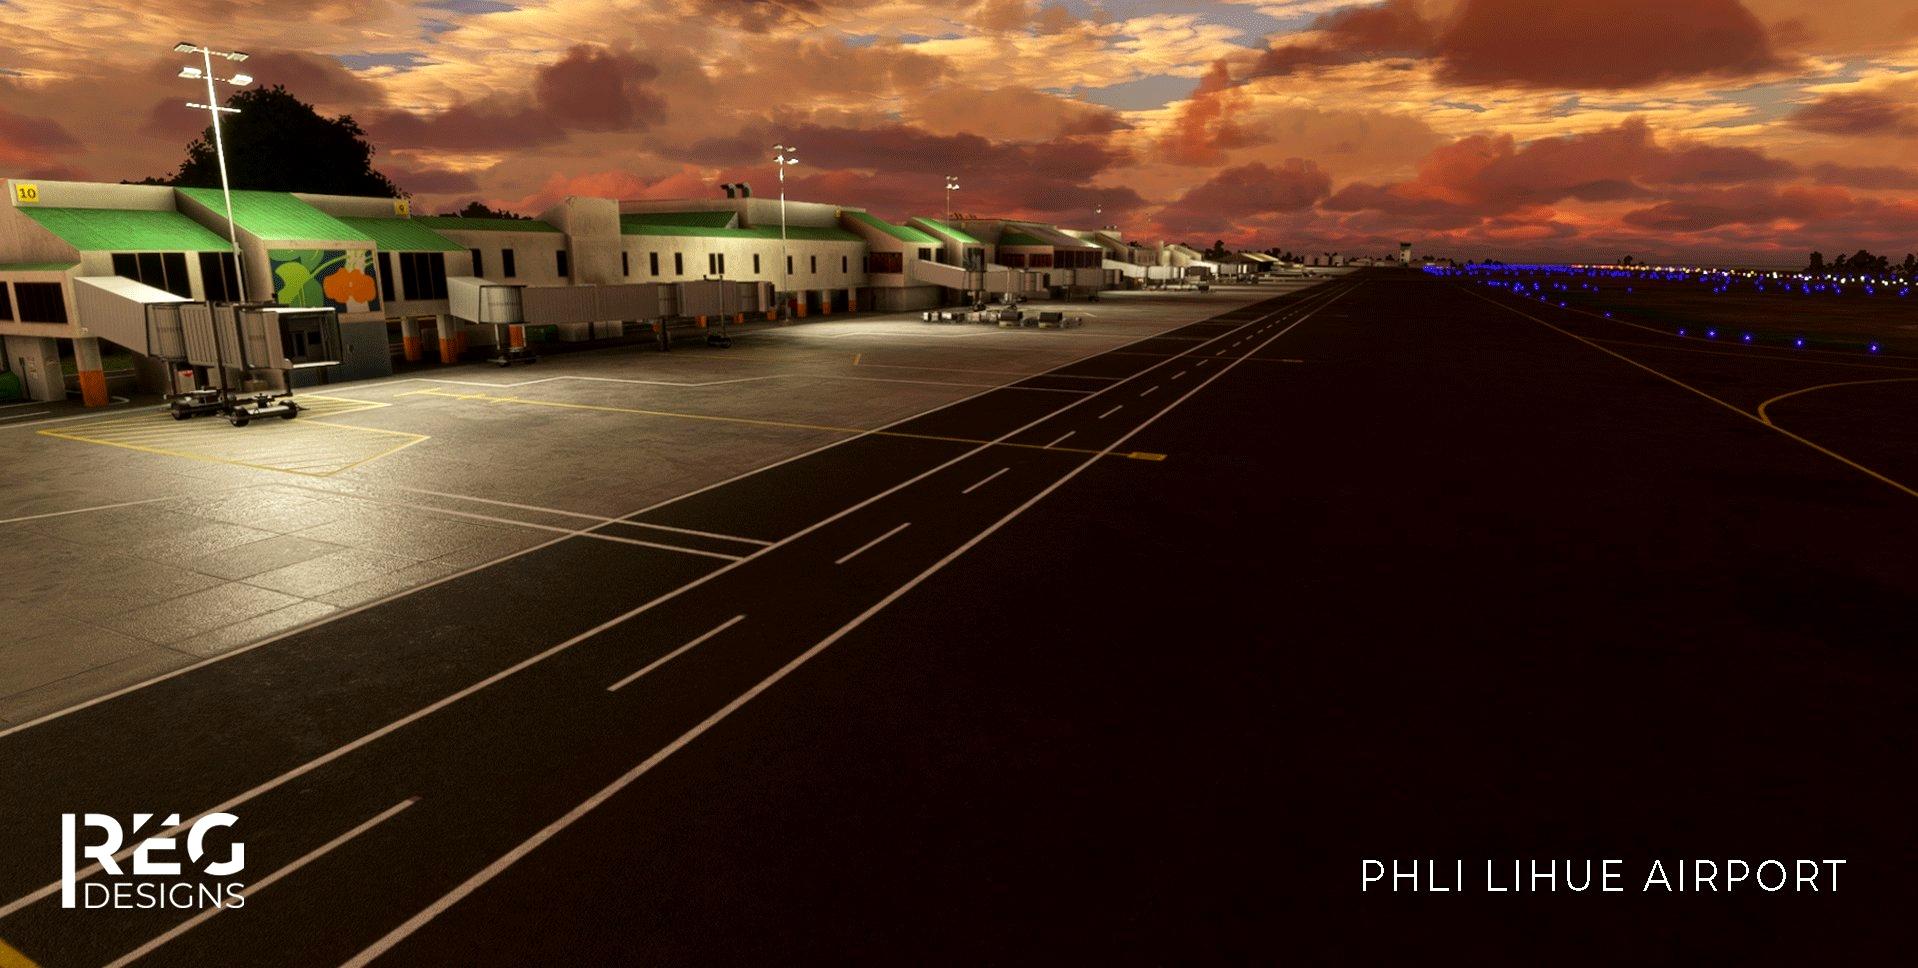 [PHLI] Lihue Airport